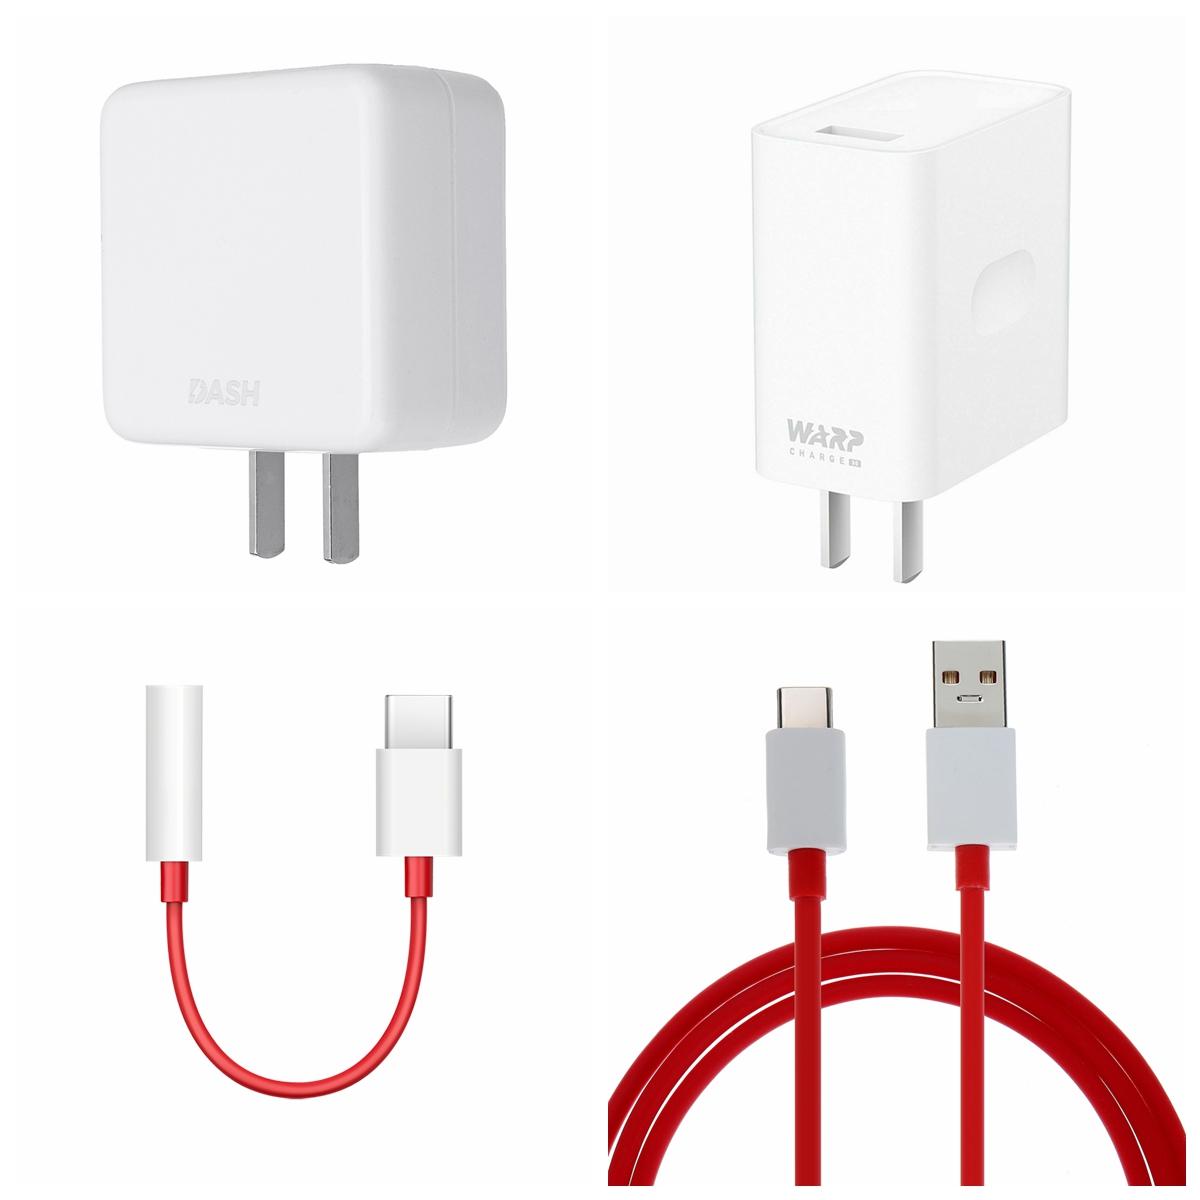 OnePlus 7 / 7t Pro Warp Зарядное устройство 30 Вт Зарядка адаптера питания Type-C Плоский кабель для передачи данных